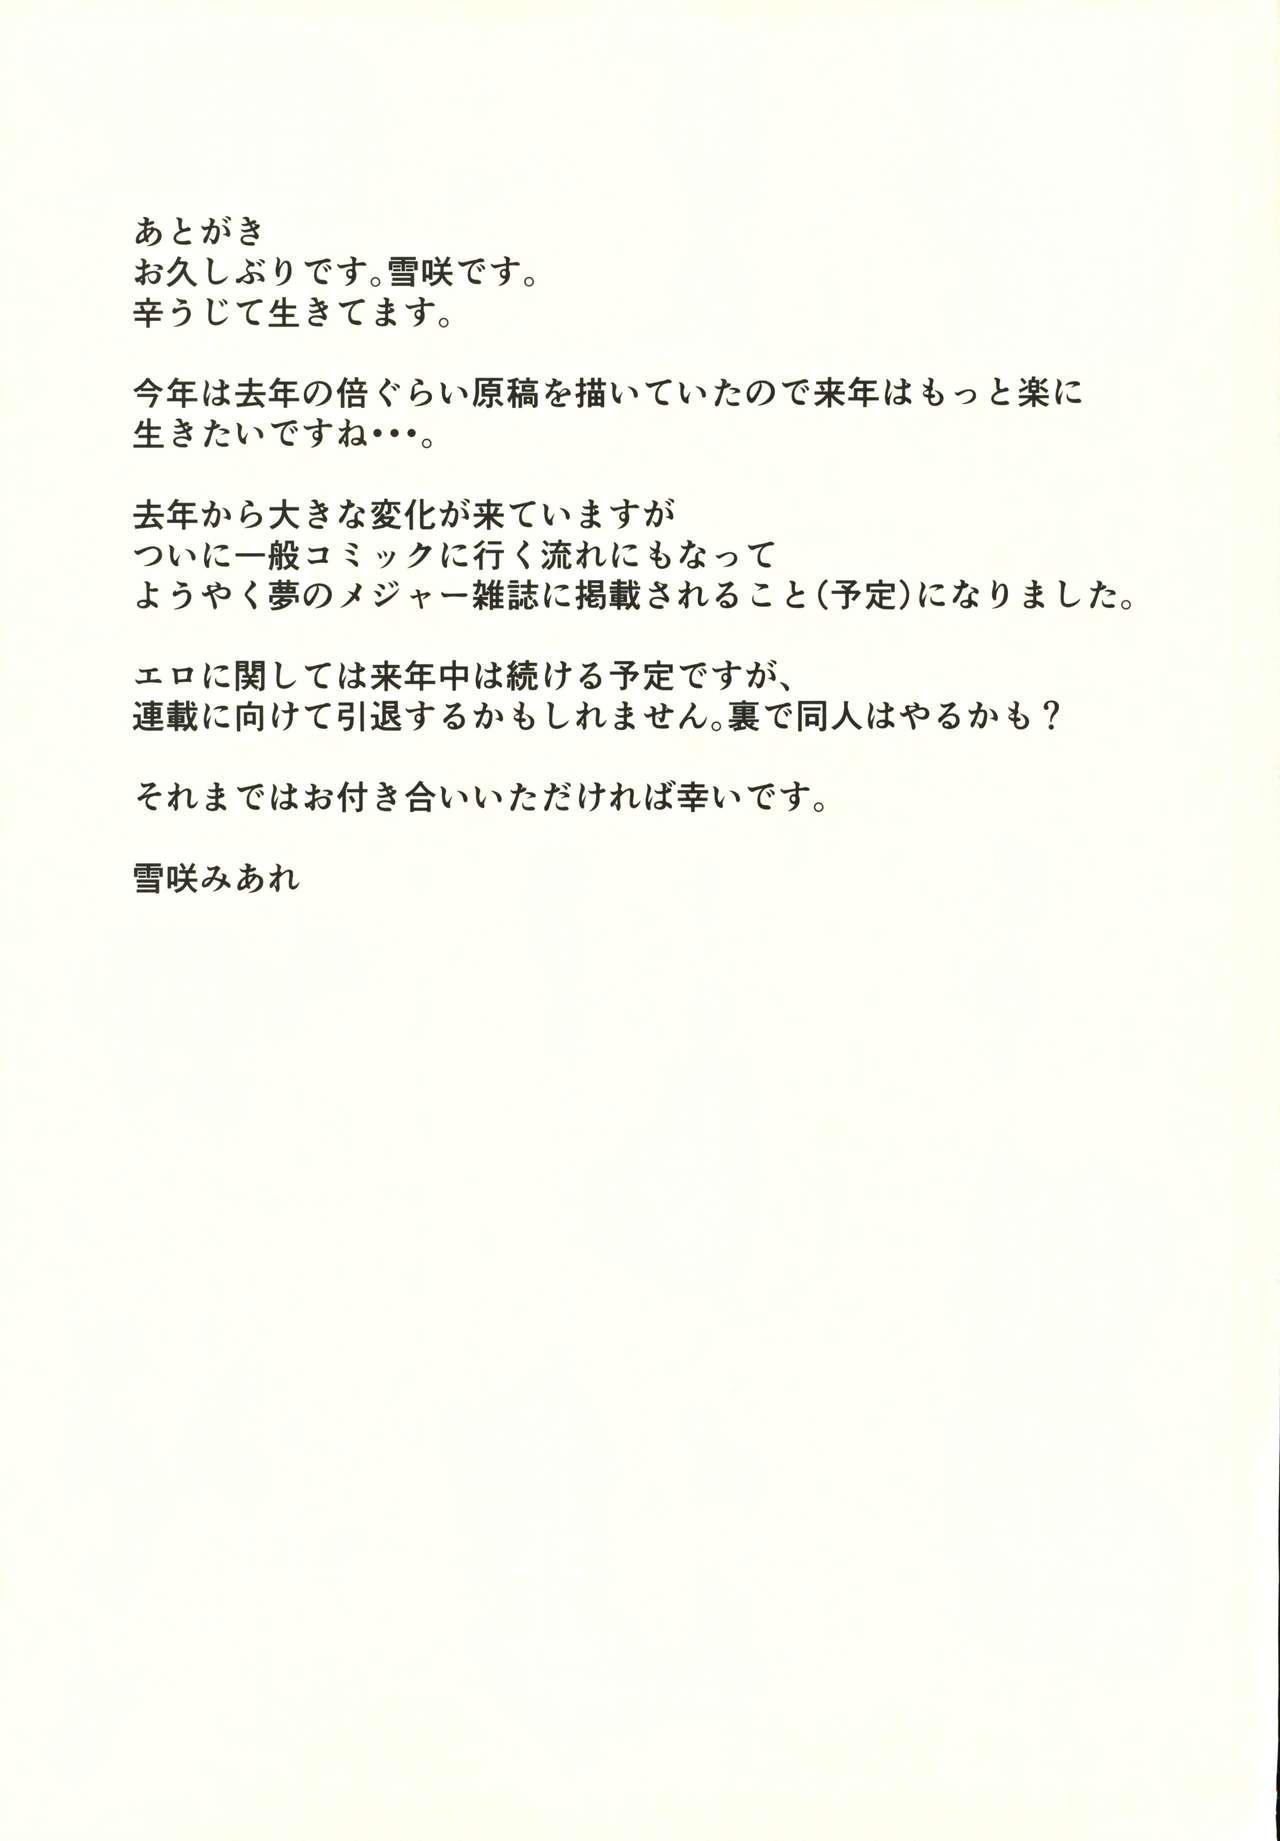 Shikikan Kouiu Koudou wa Hito to shite Douka to 15